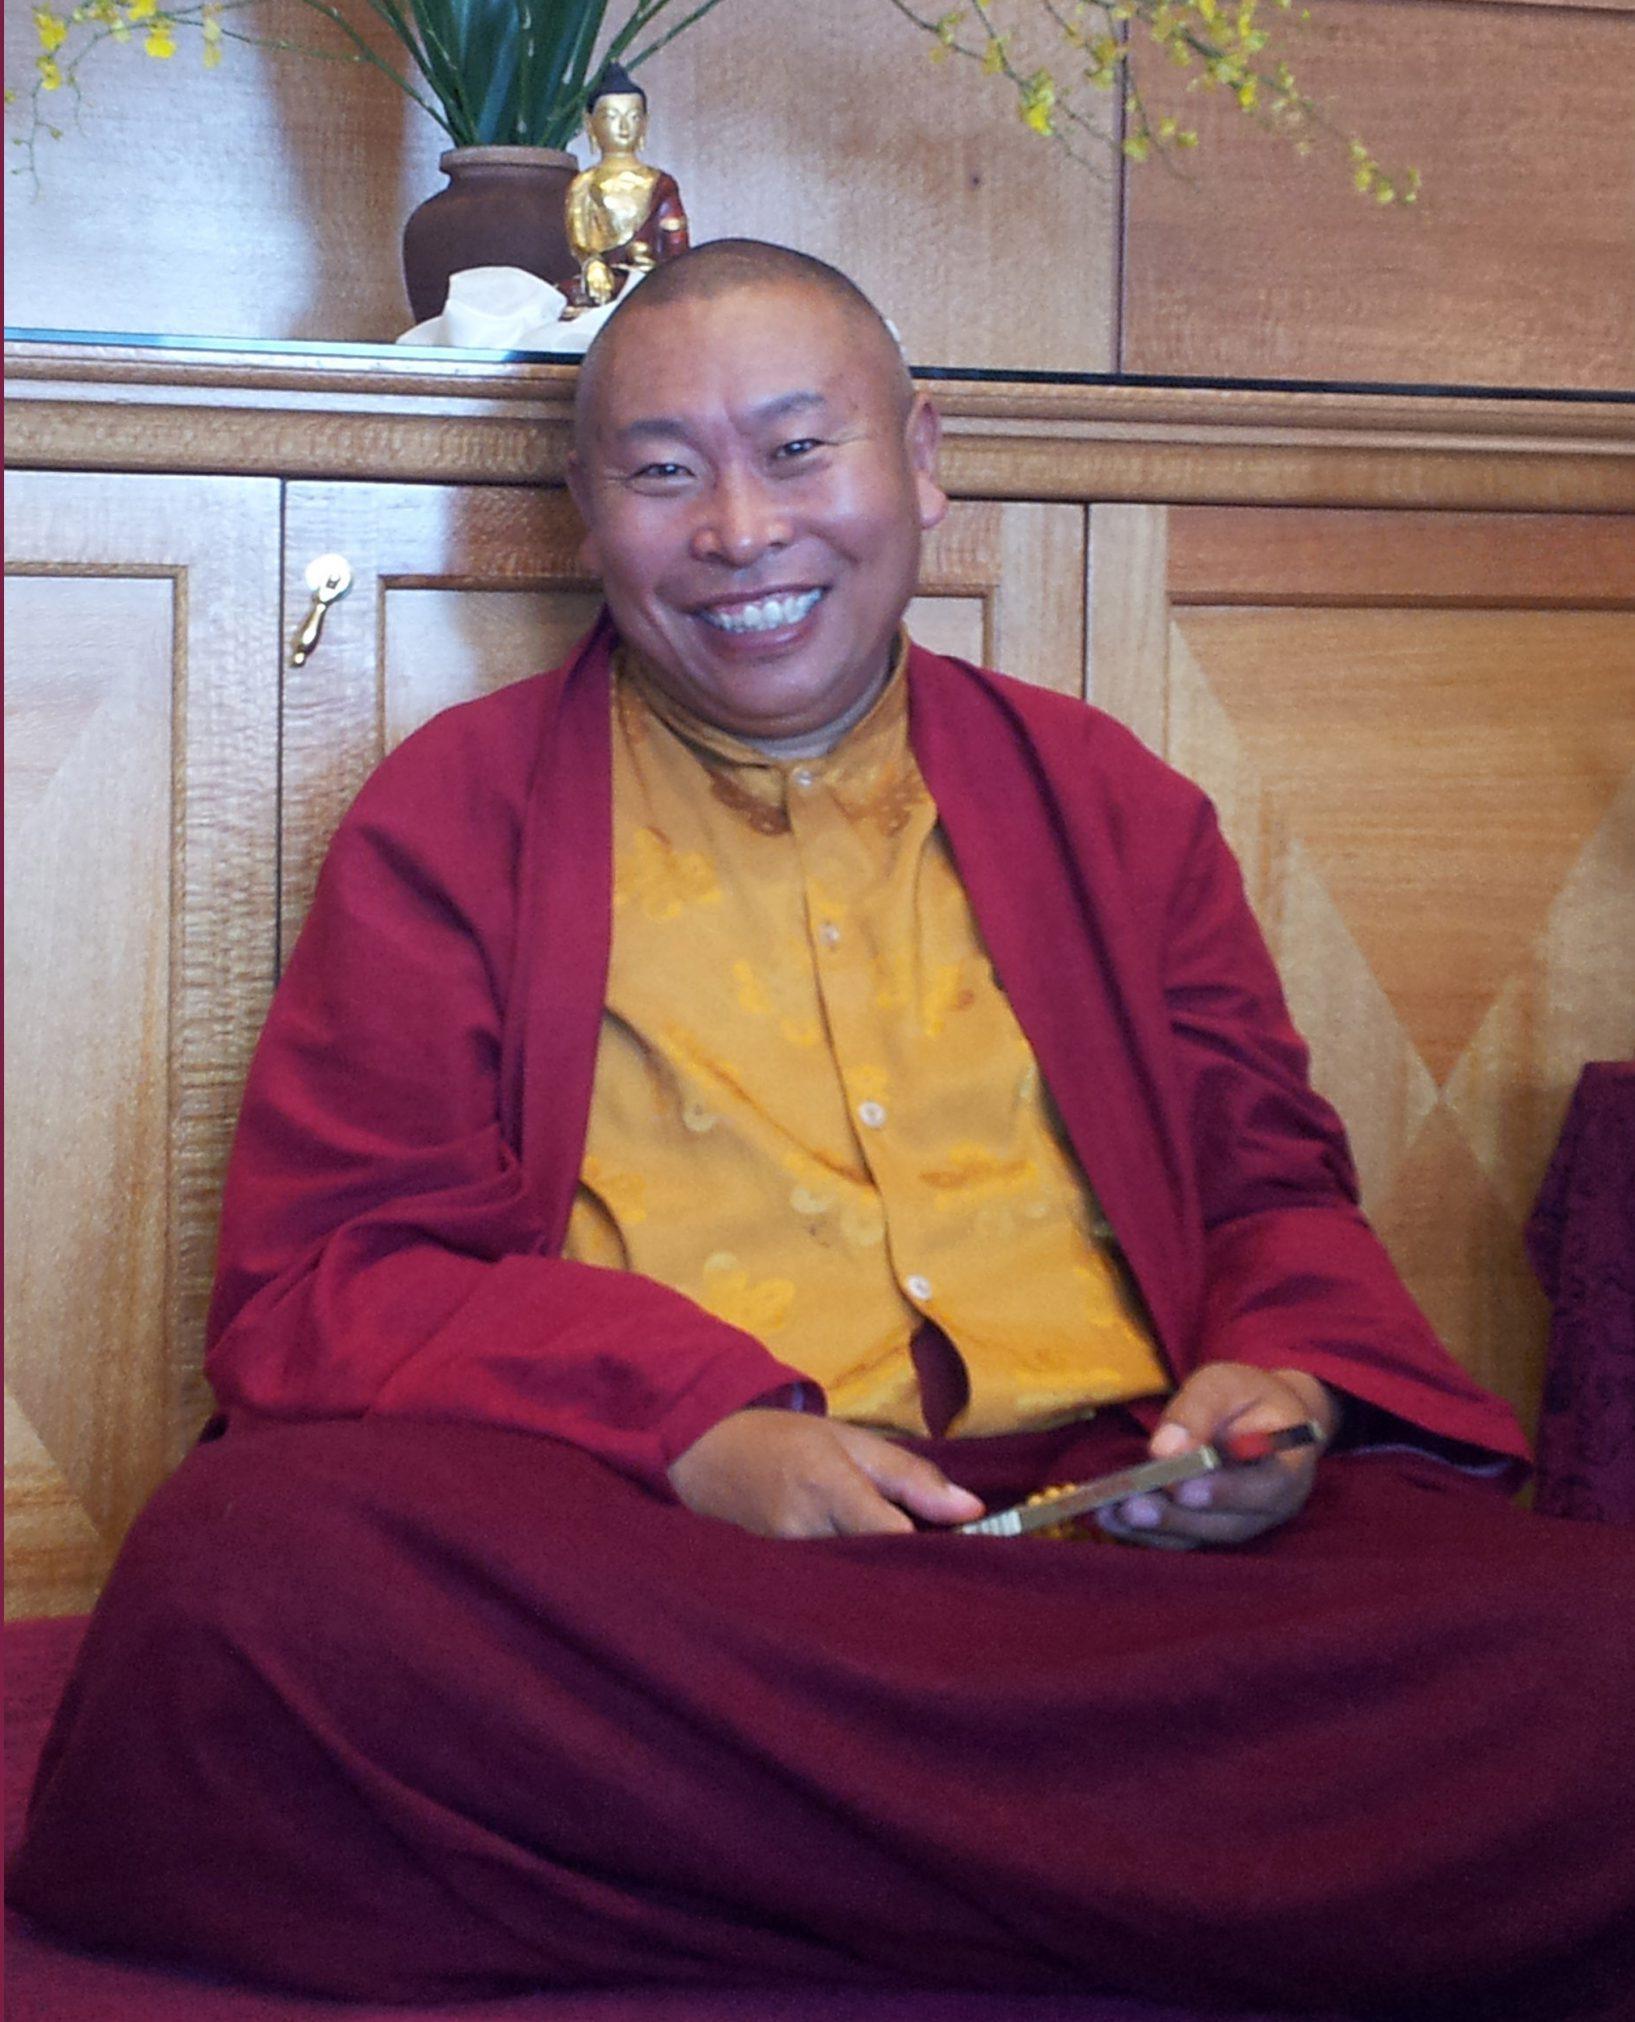 Gebchak Wangdrak Rinpoche